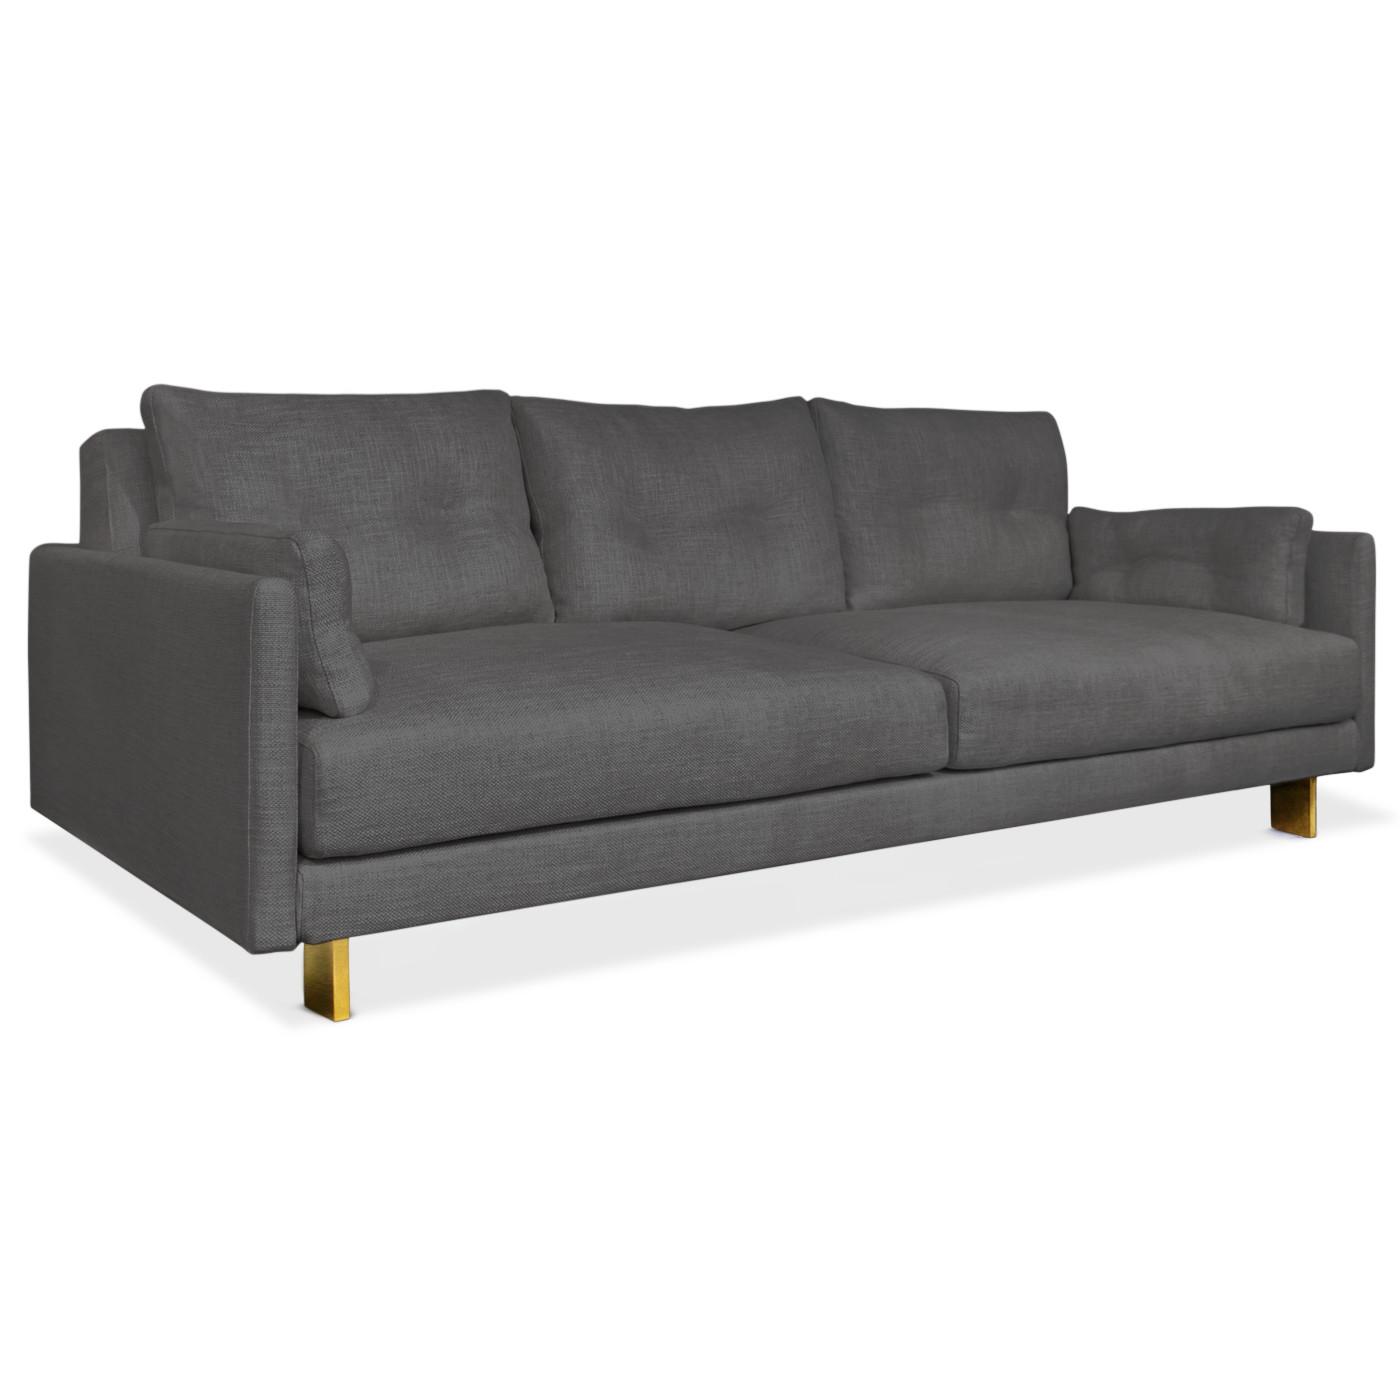 Malibu Sofa | 2 Colors